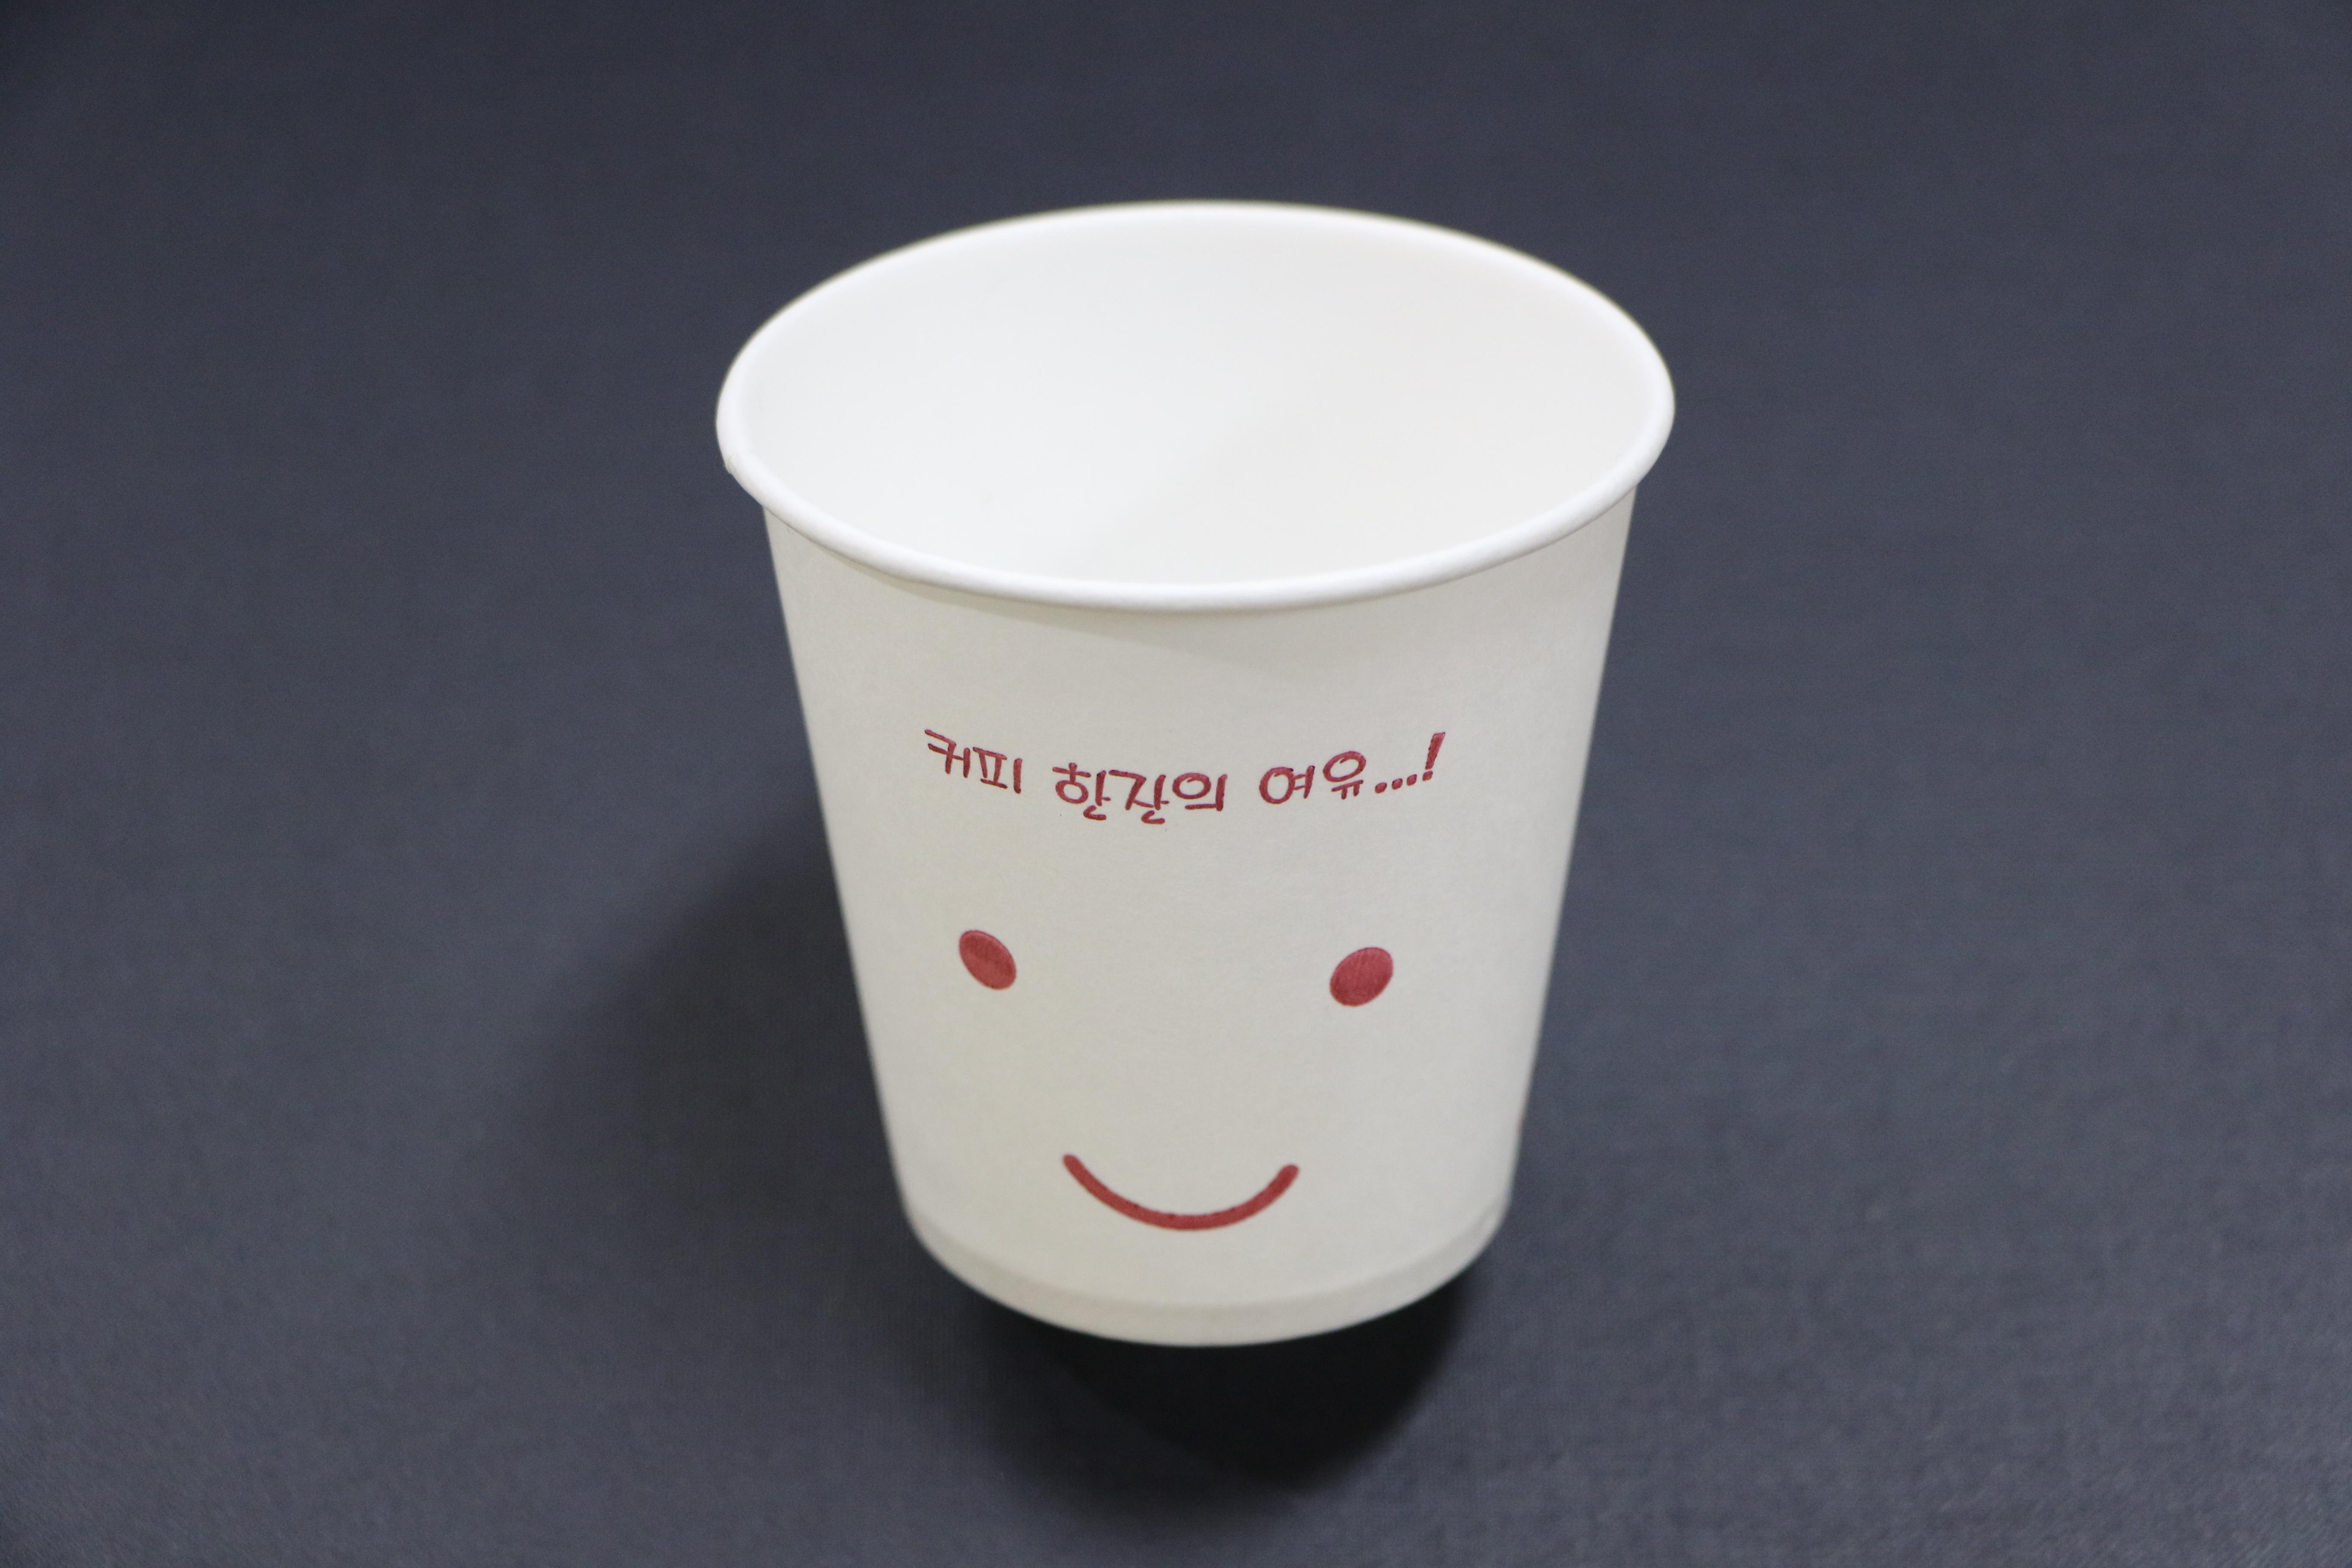 무료 이미지 세라믹 음주 에스프레소 얼굴 조명 커피 컵 자료 도자기 종이컵 일회용 컵